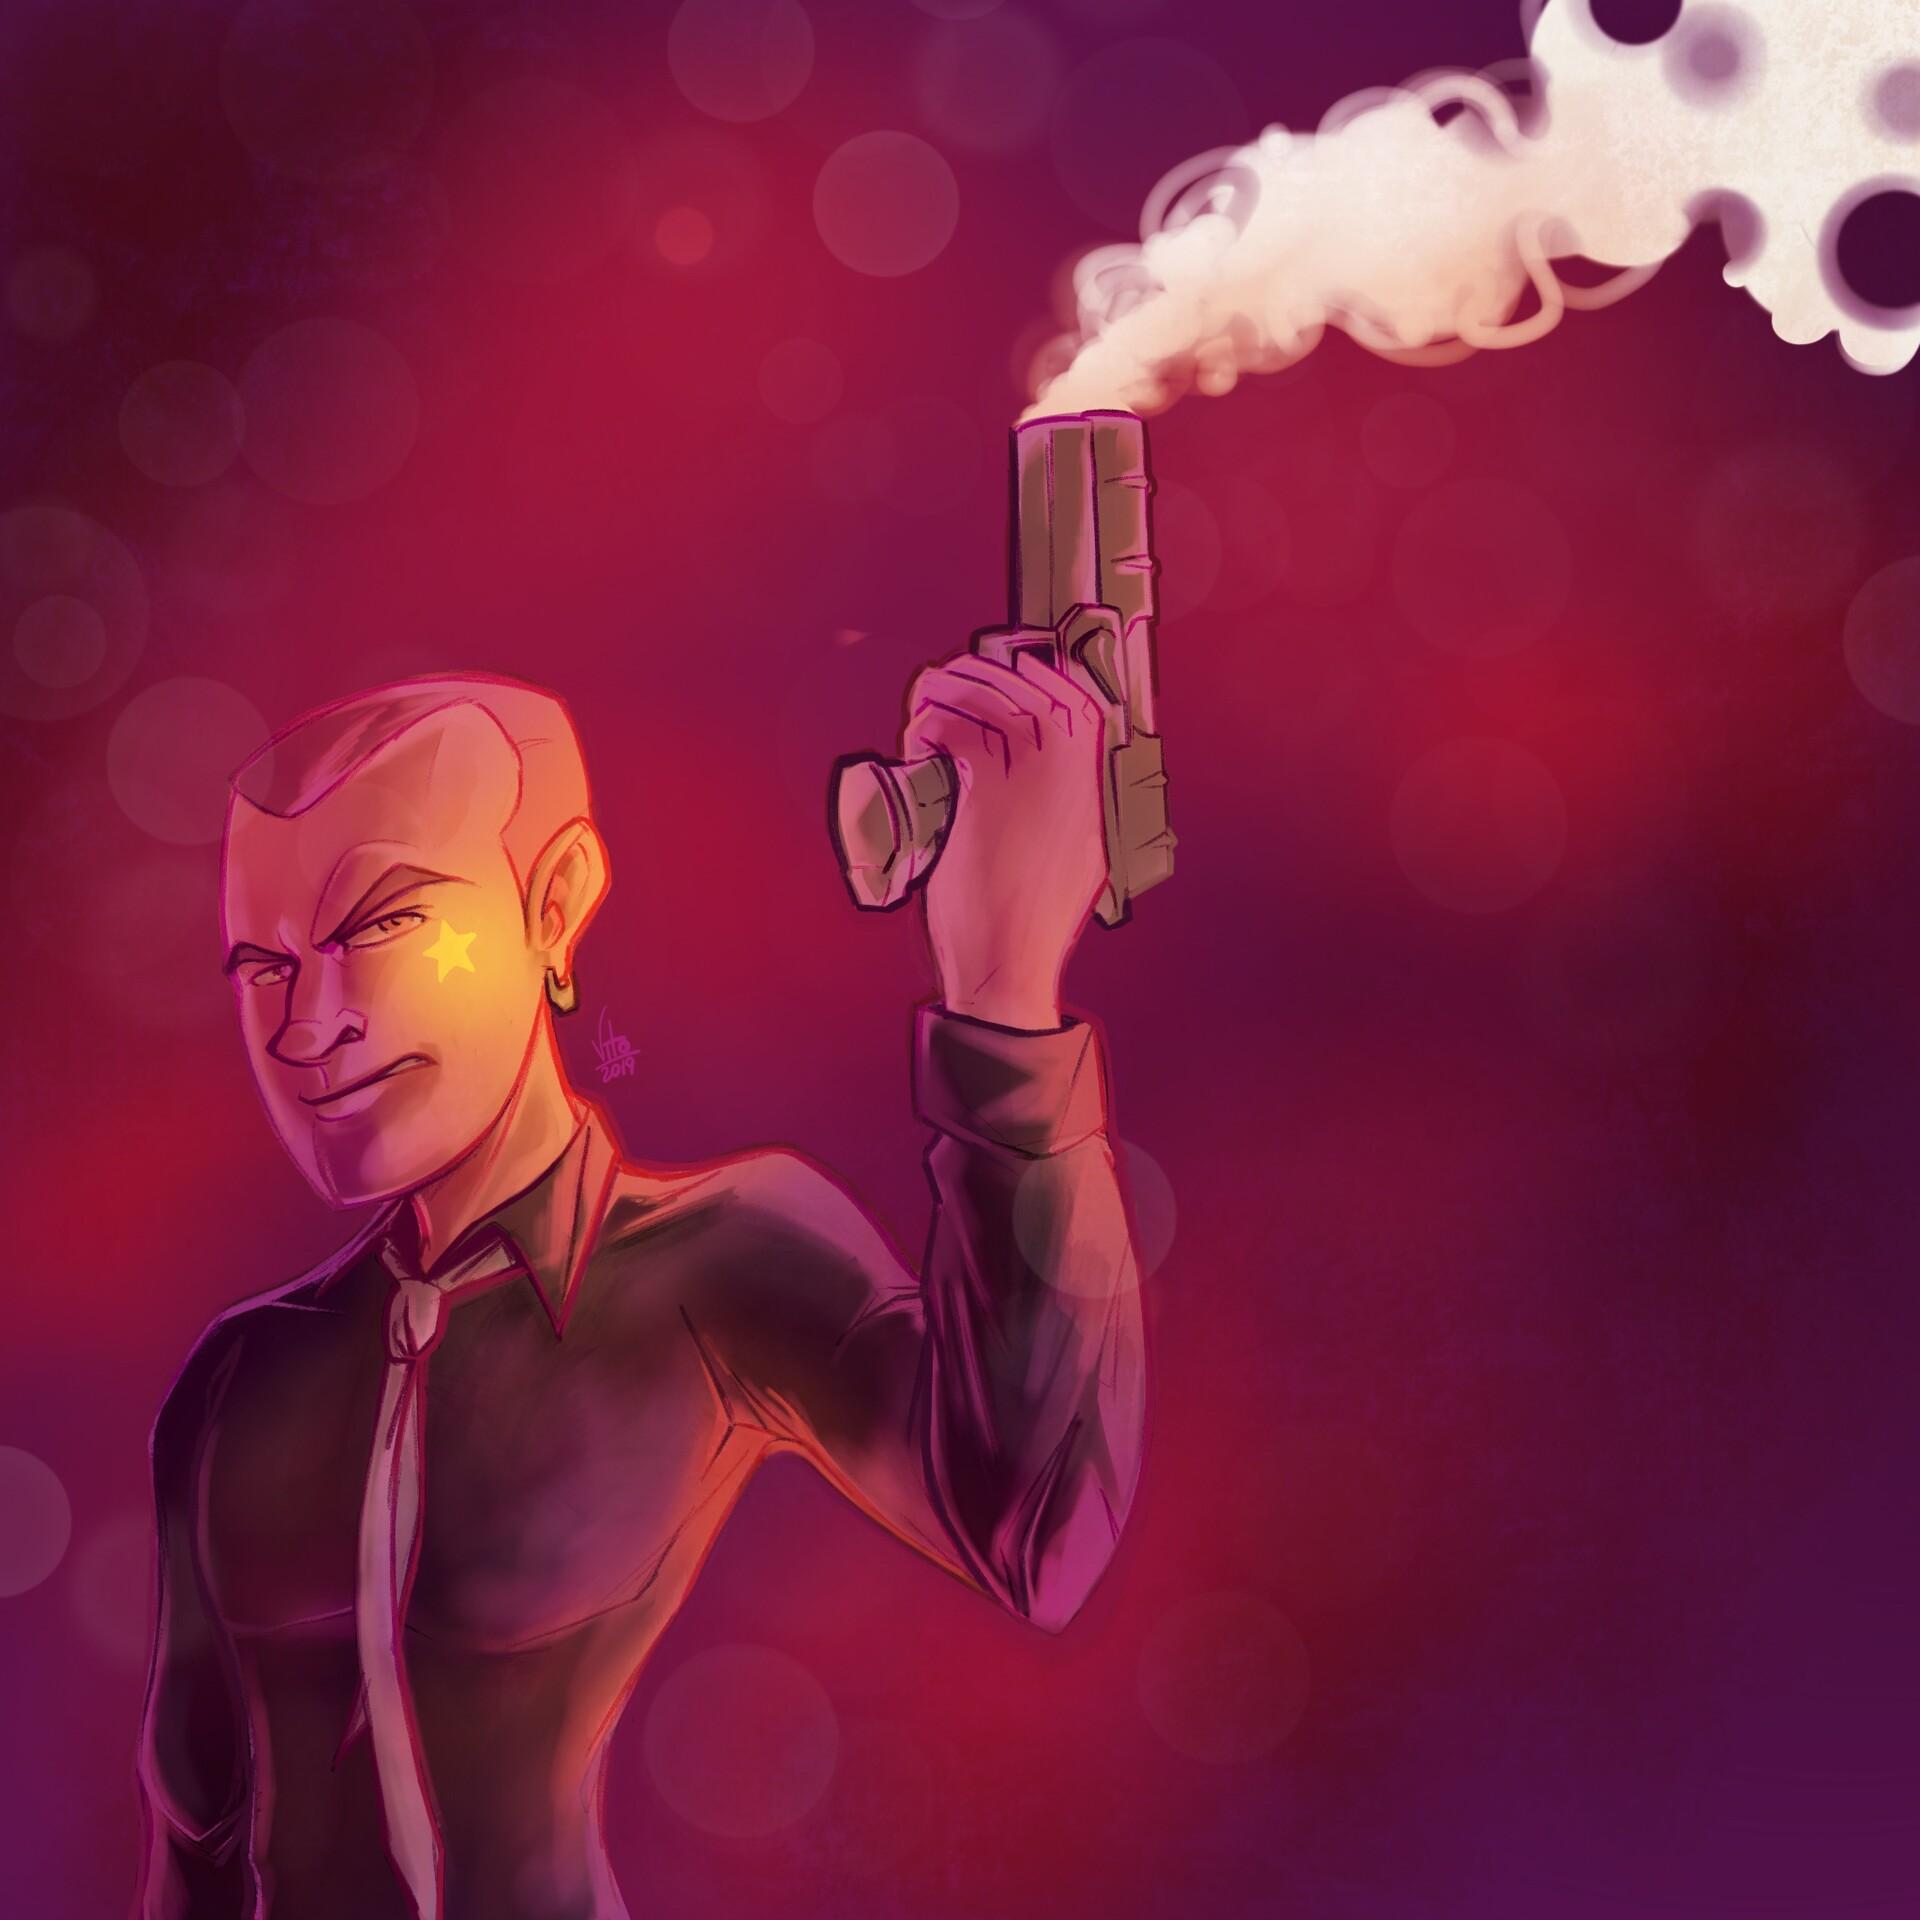 Vito potenza man with gun